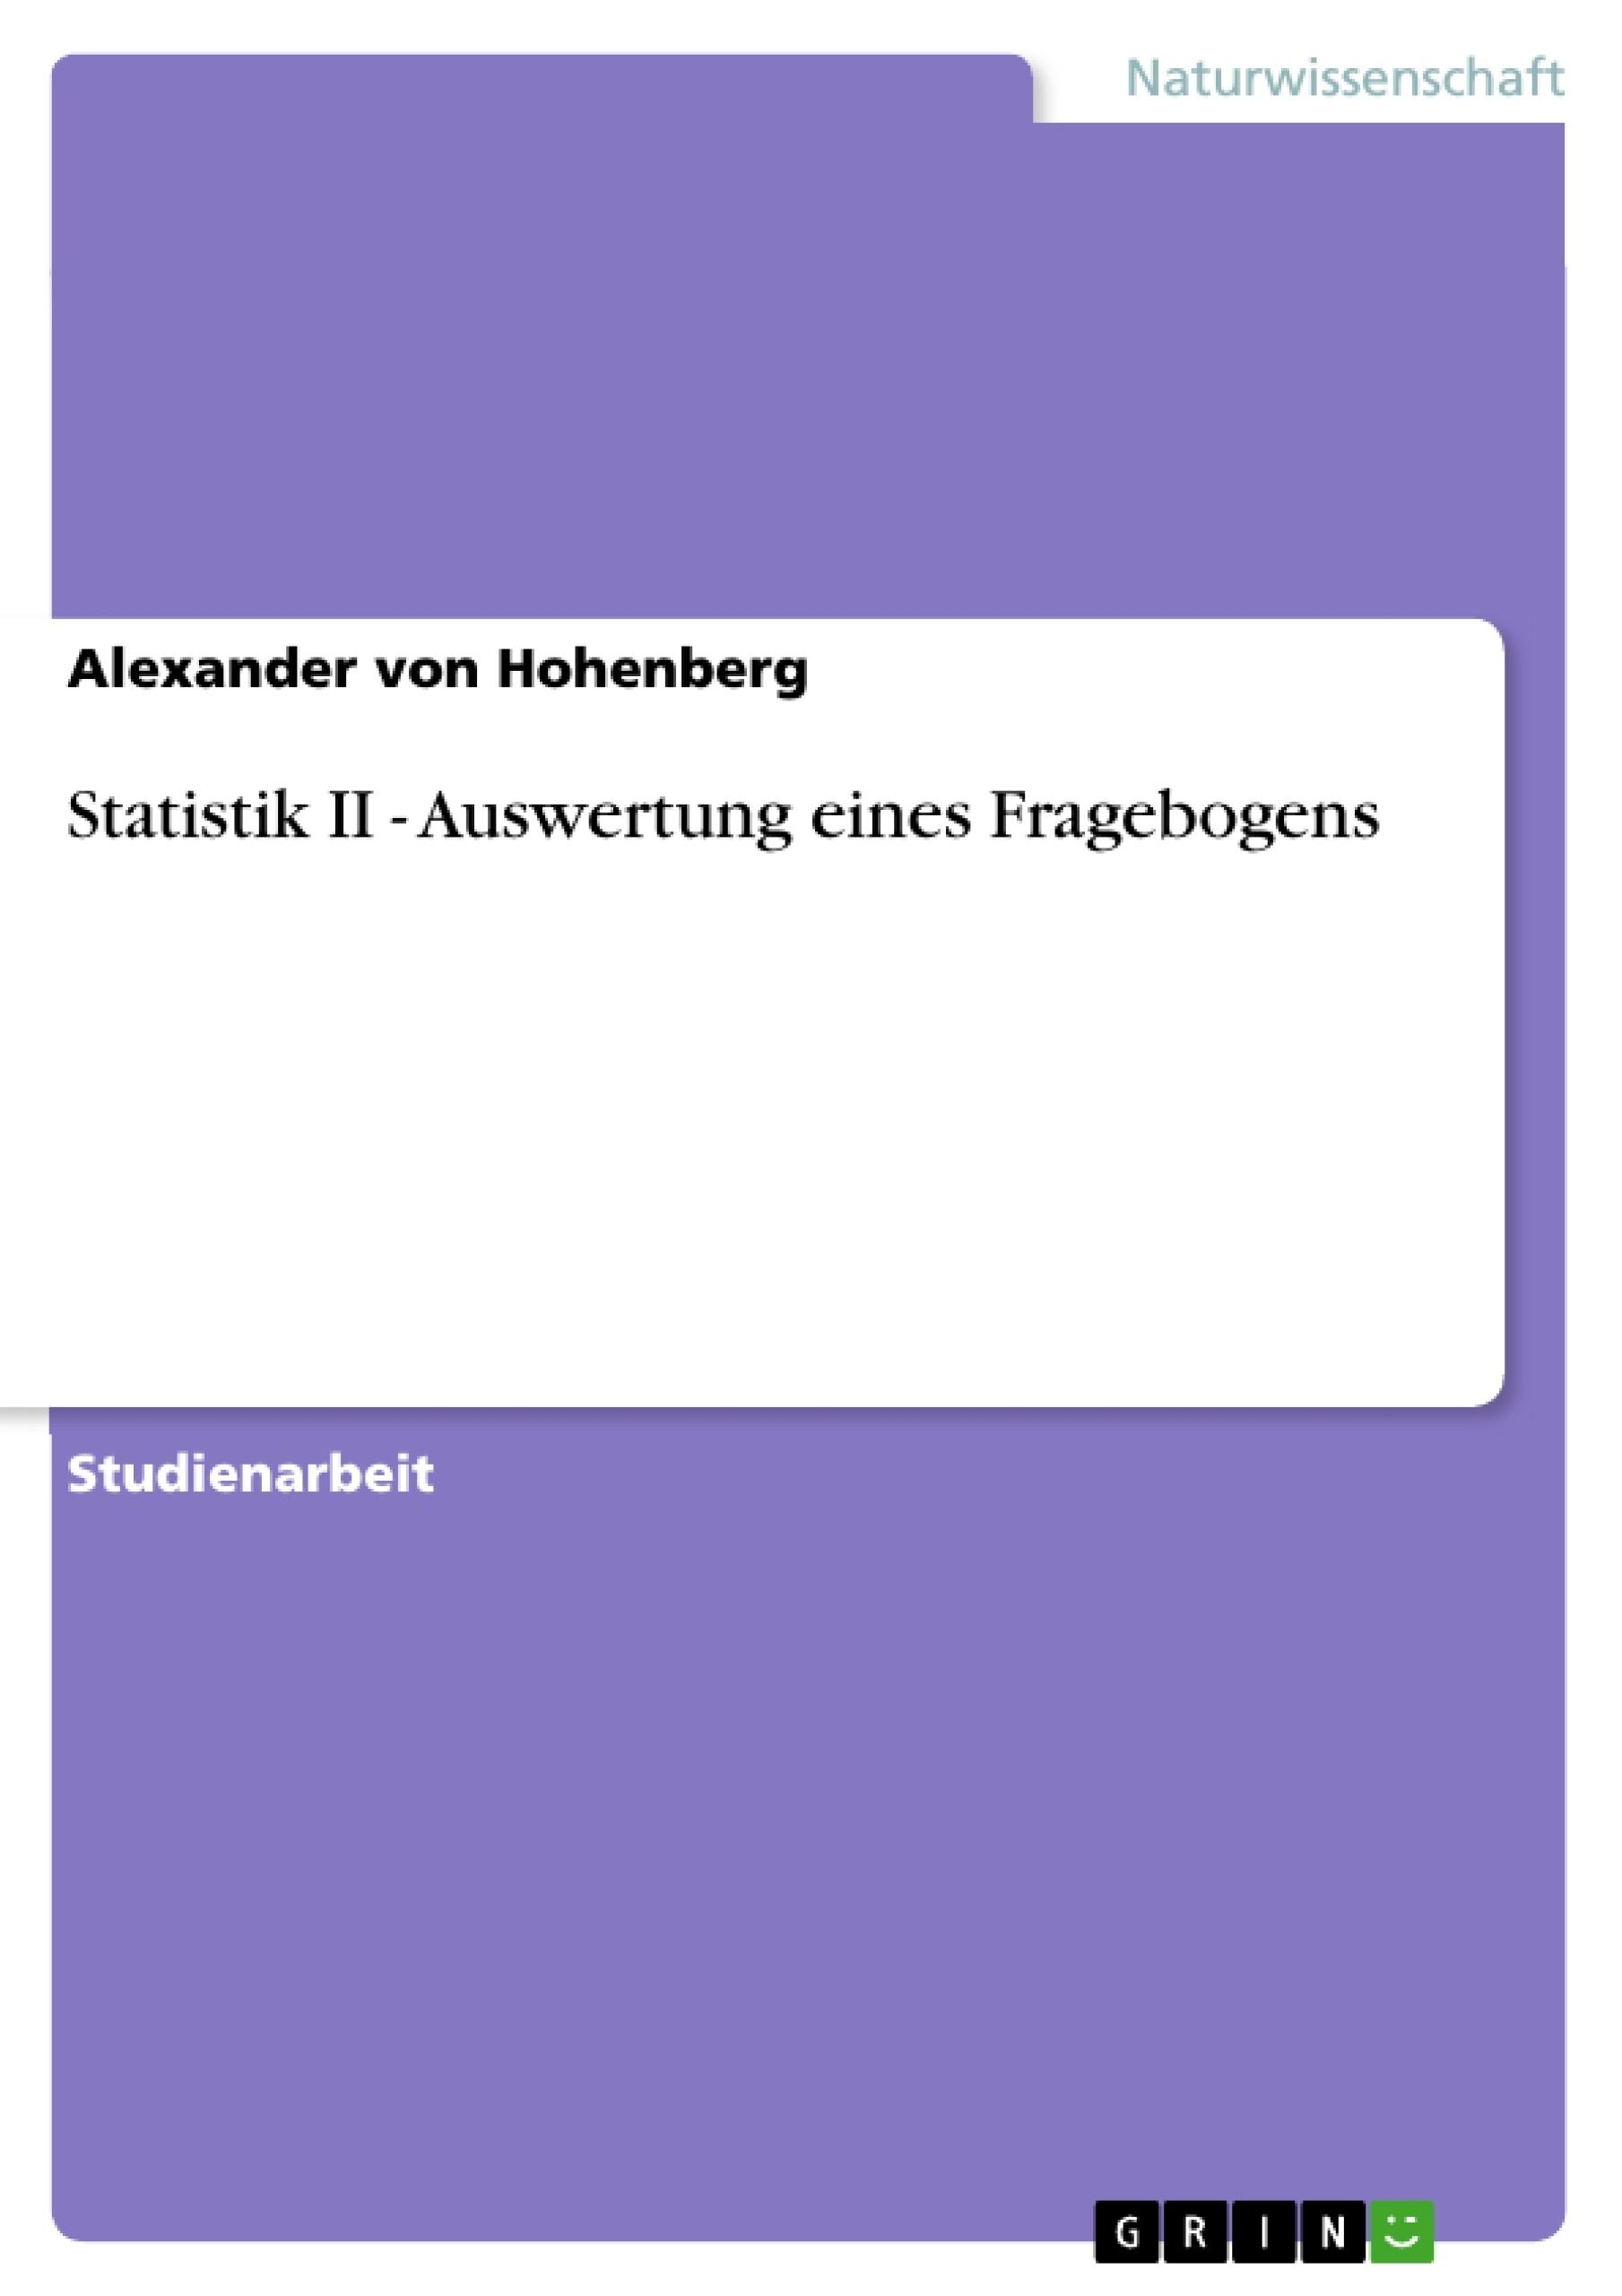 Titel: Statistik II - Auswertung eines Fragebogens